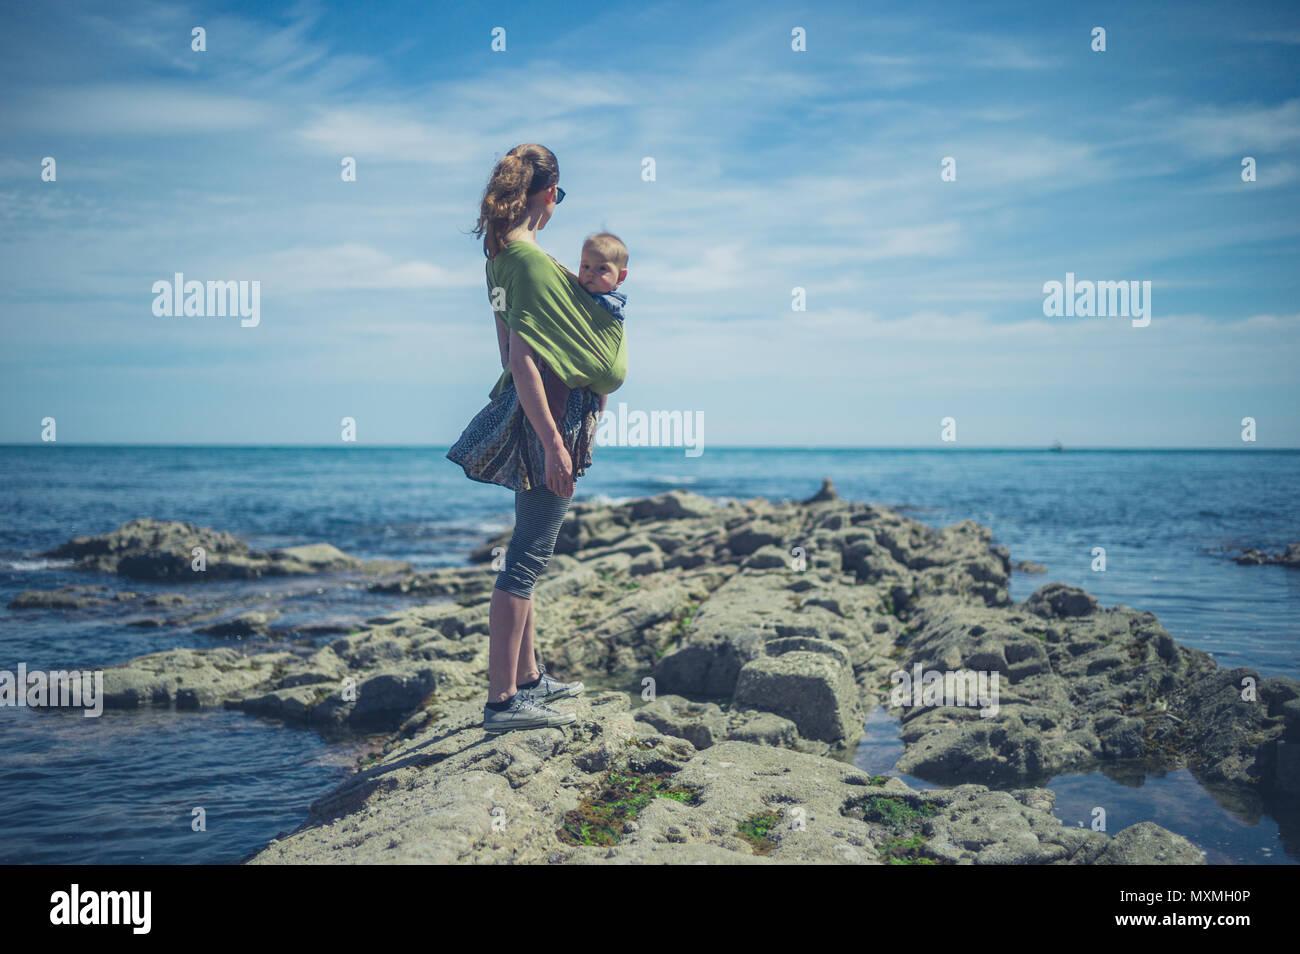 Eine junge Mutter an der Küste mit ihrem Baby im Tragetuch Stockbild